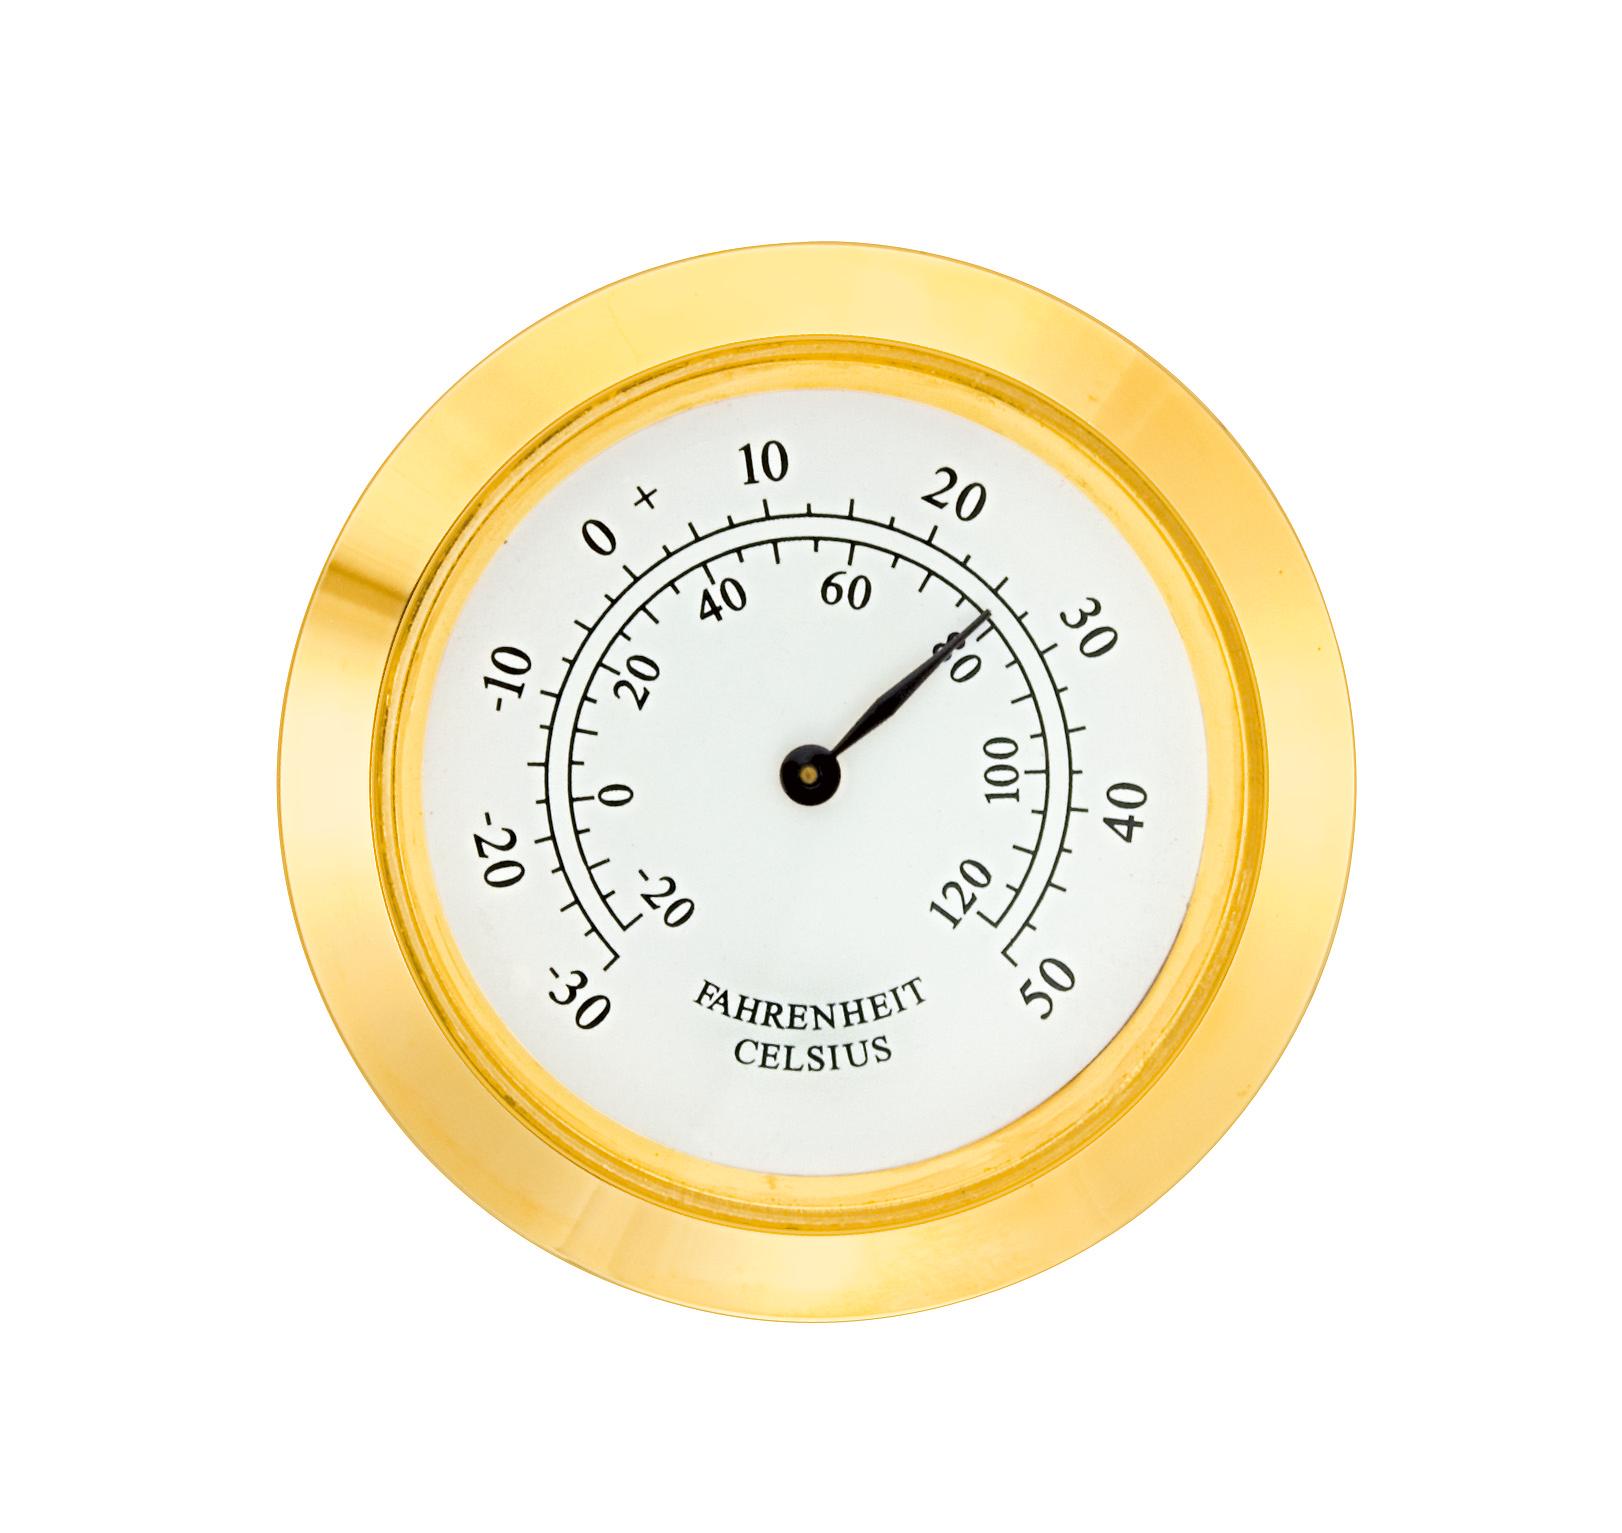 Mini-Einsteckwerk Import Trommel Ø 37,5mm, Lünette Ø 40mm gelb, Zifferblatt weiß-antik, Thermometer